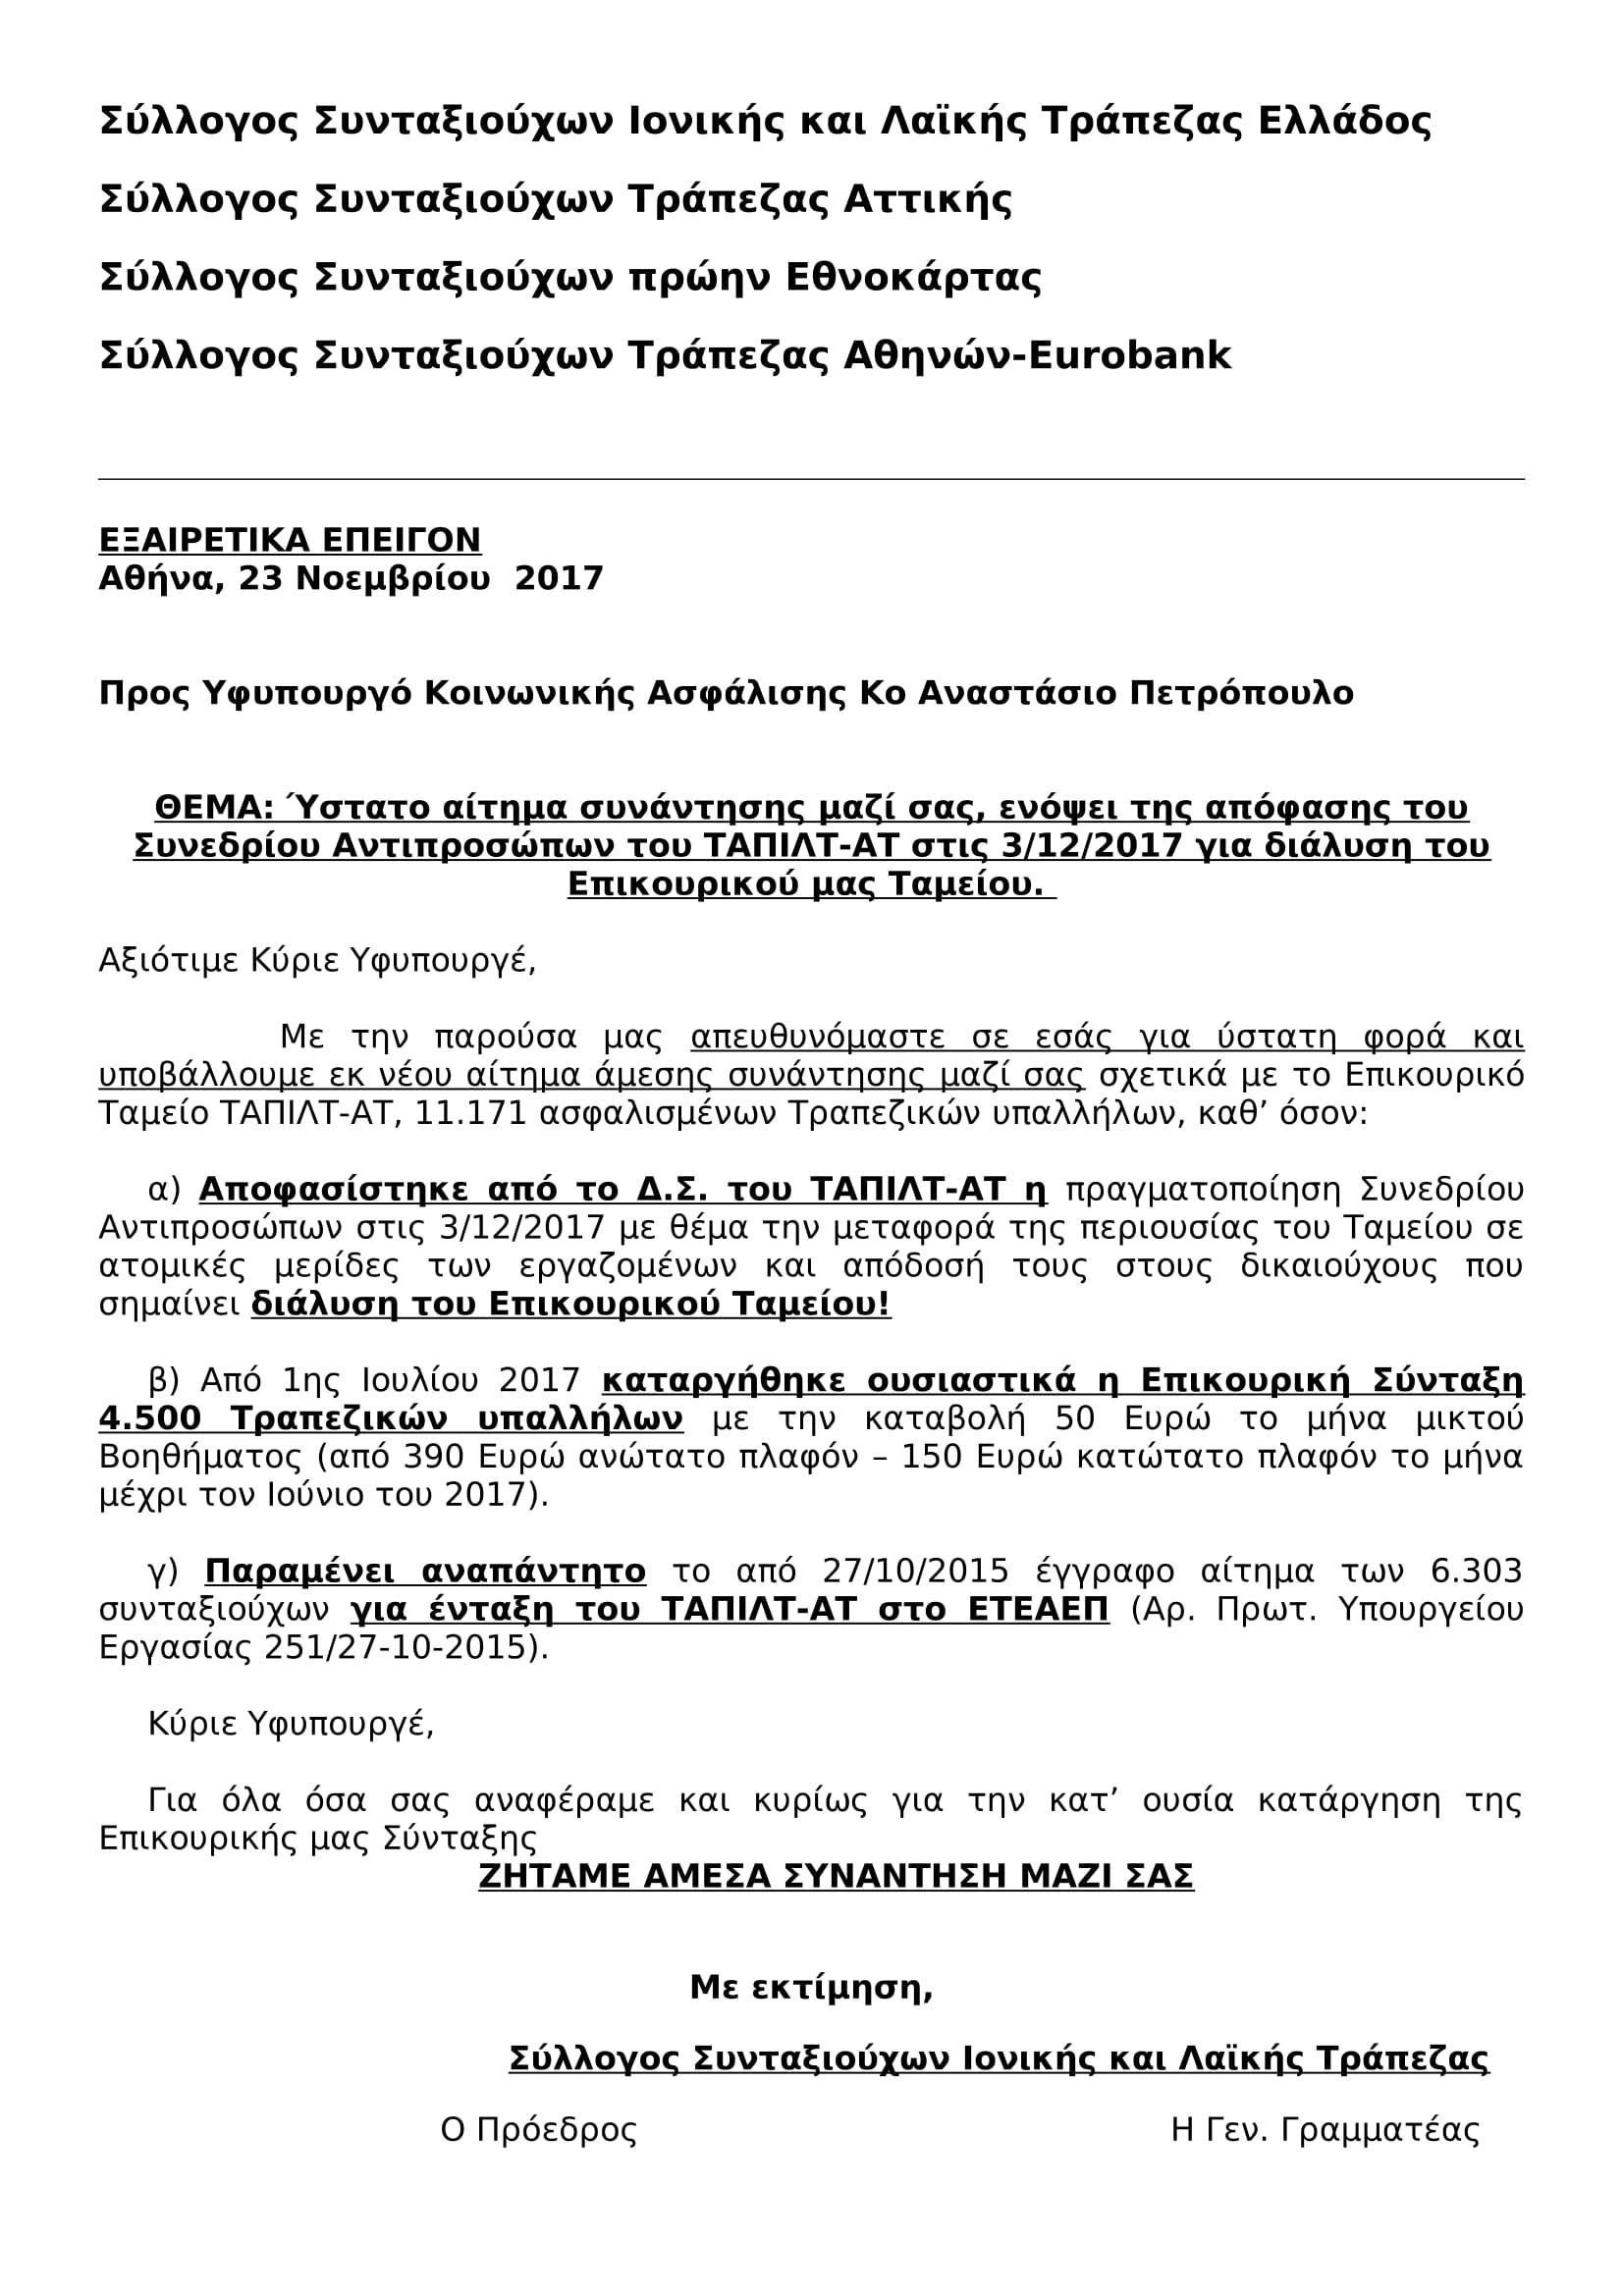 petropoulos-23-11-2017-1